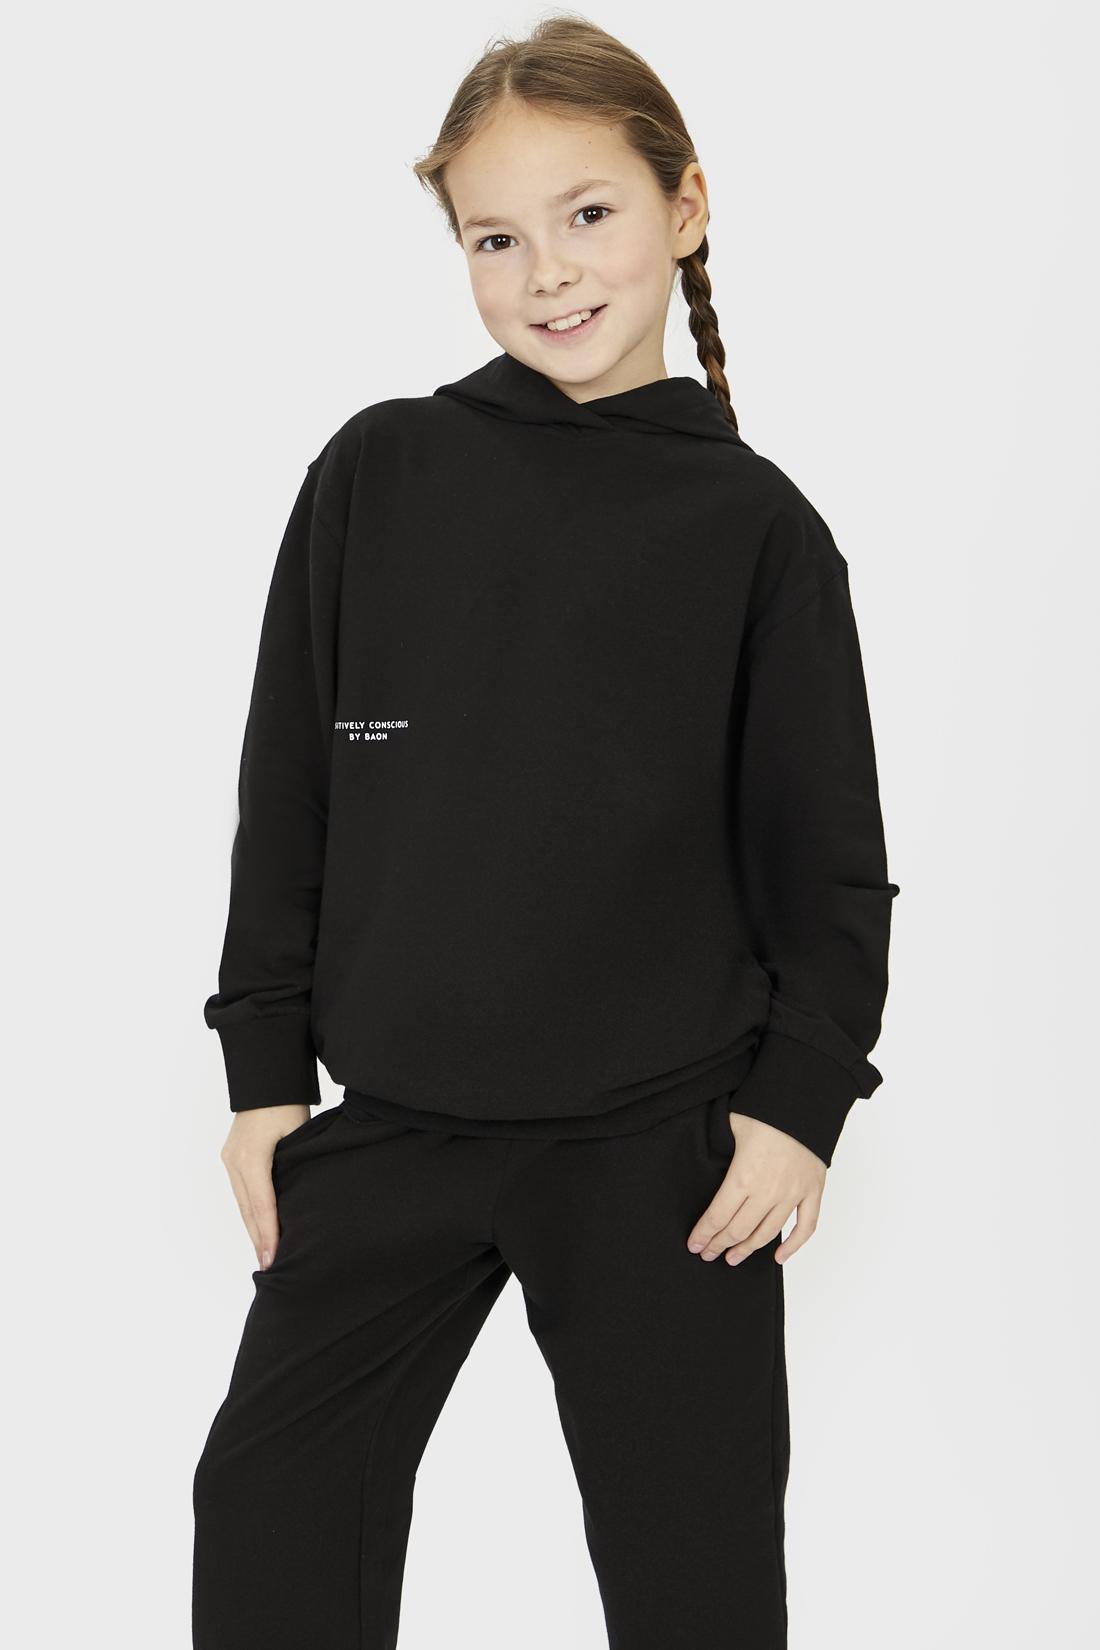 Купить Худи для девочки Baon BK111001 цв. черный р.140,